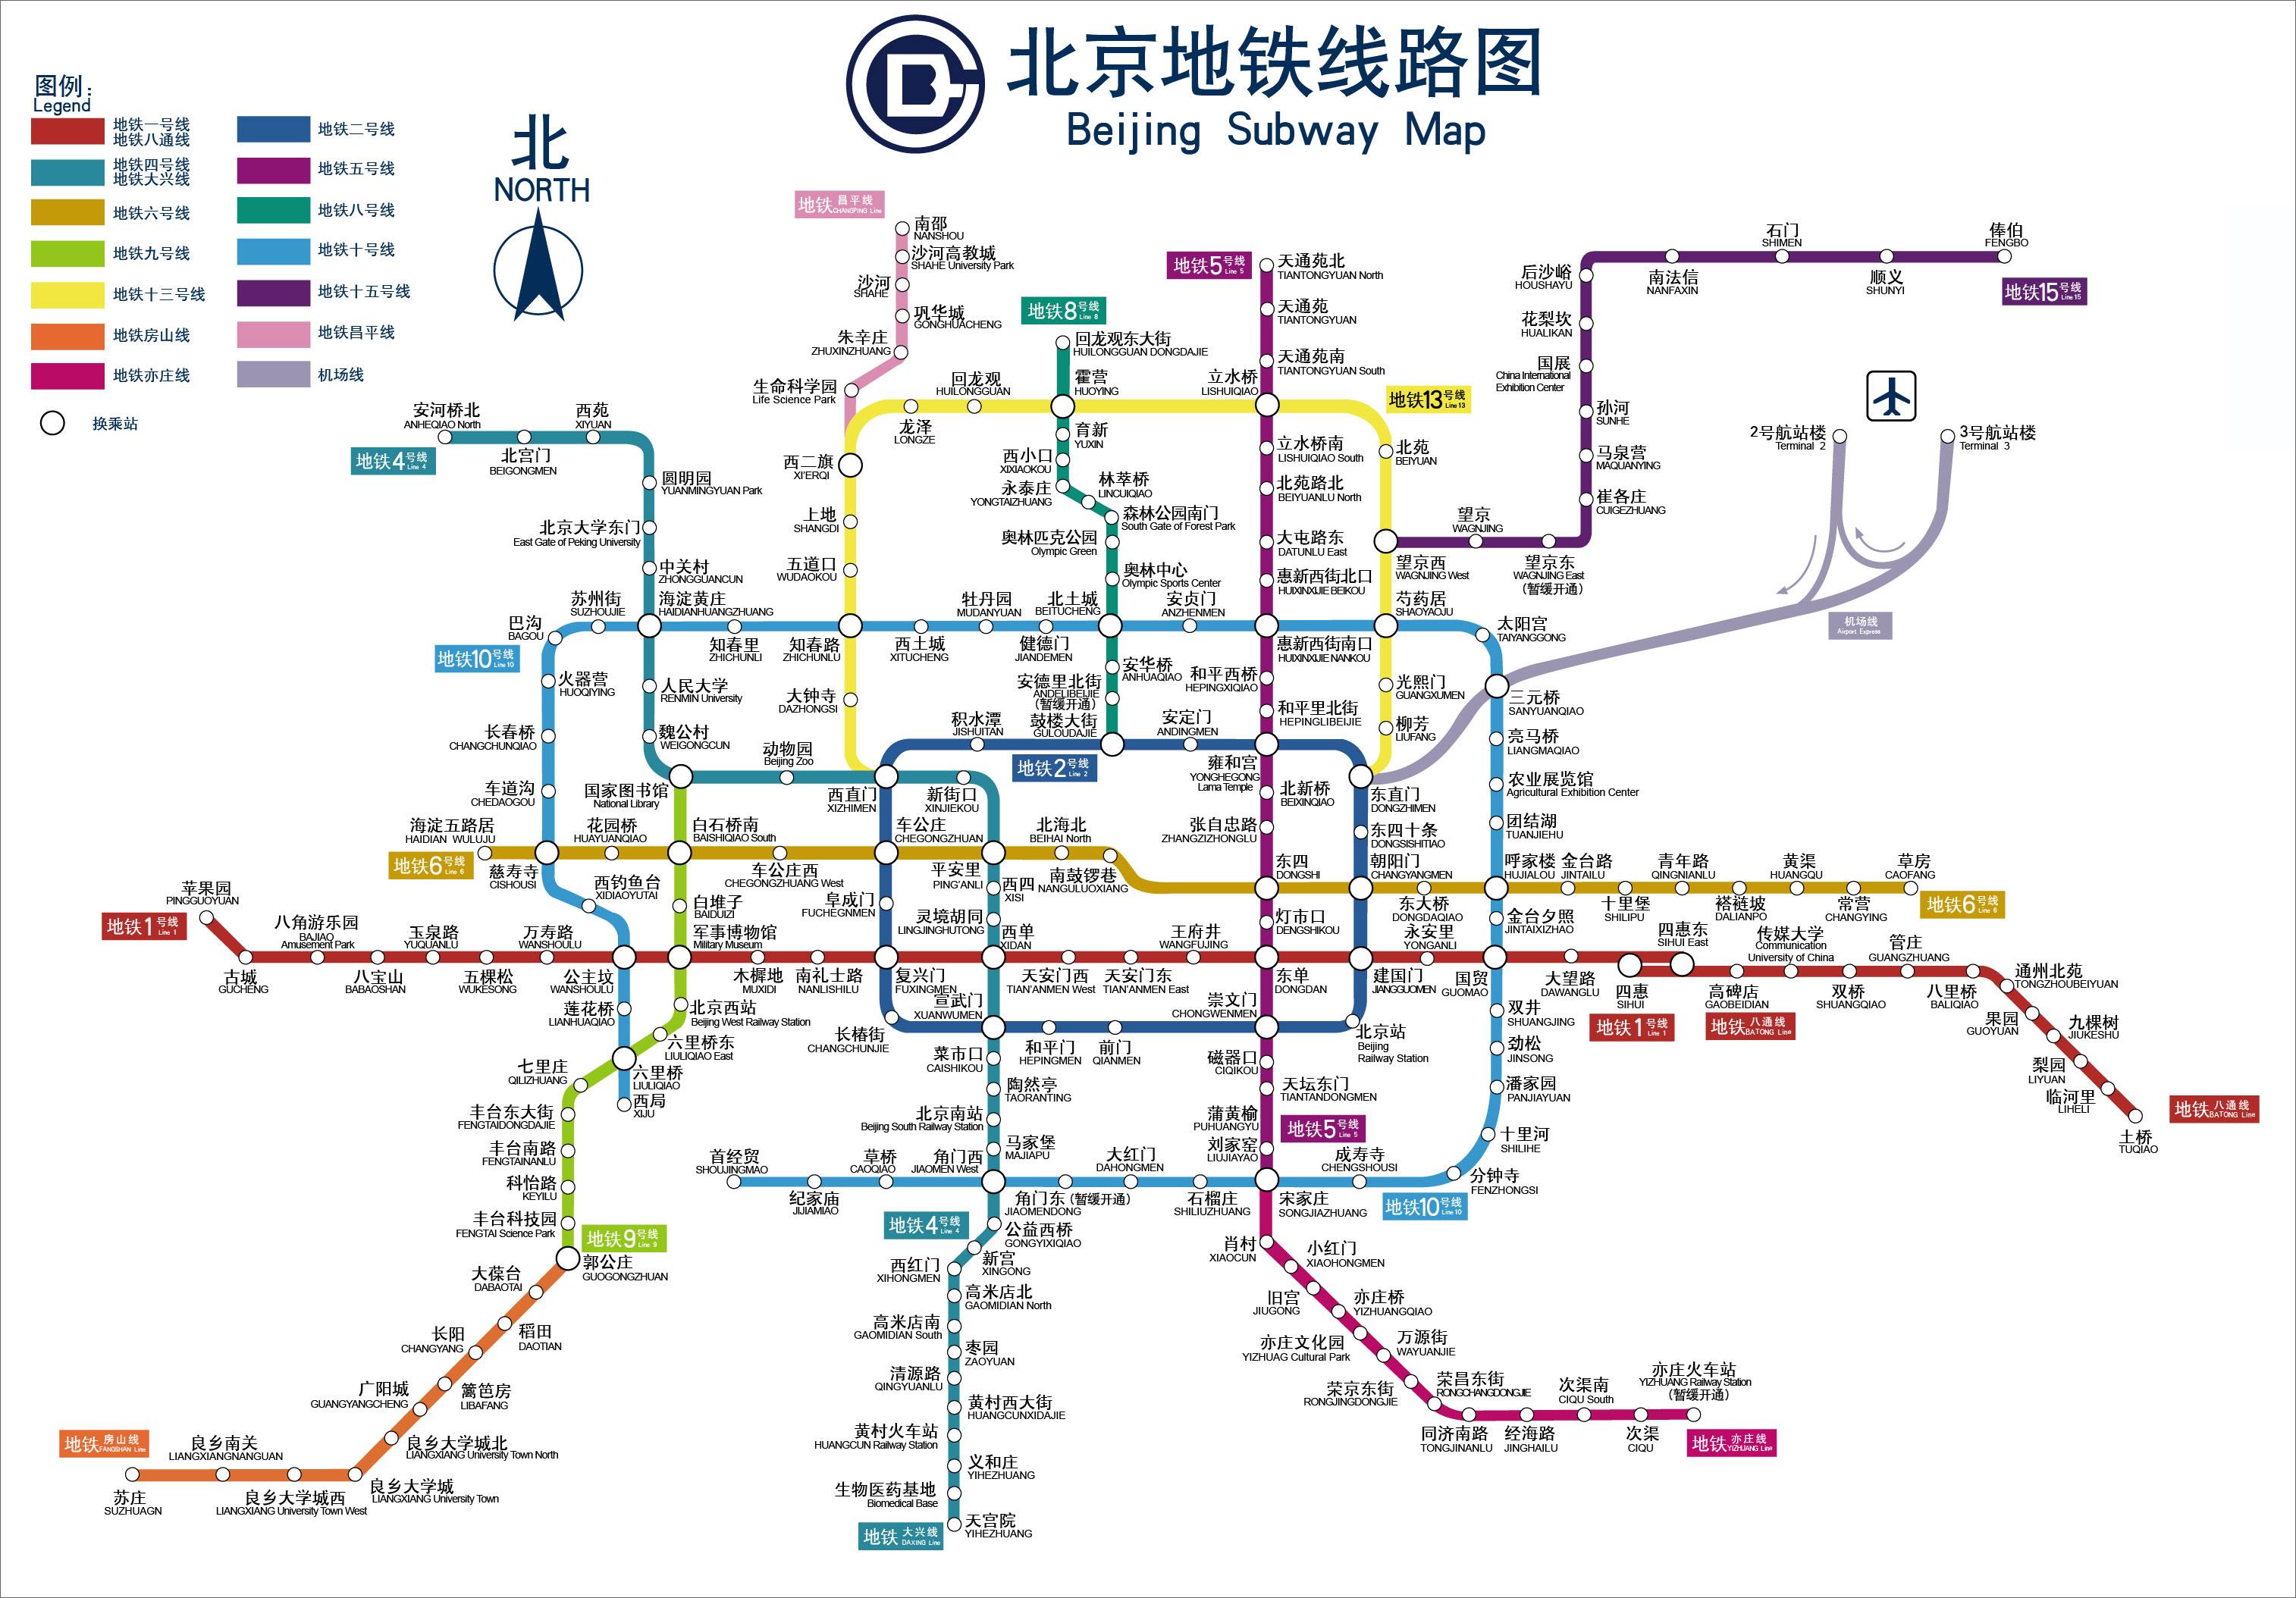 北京地铁线路图高清全图